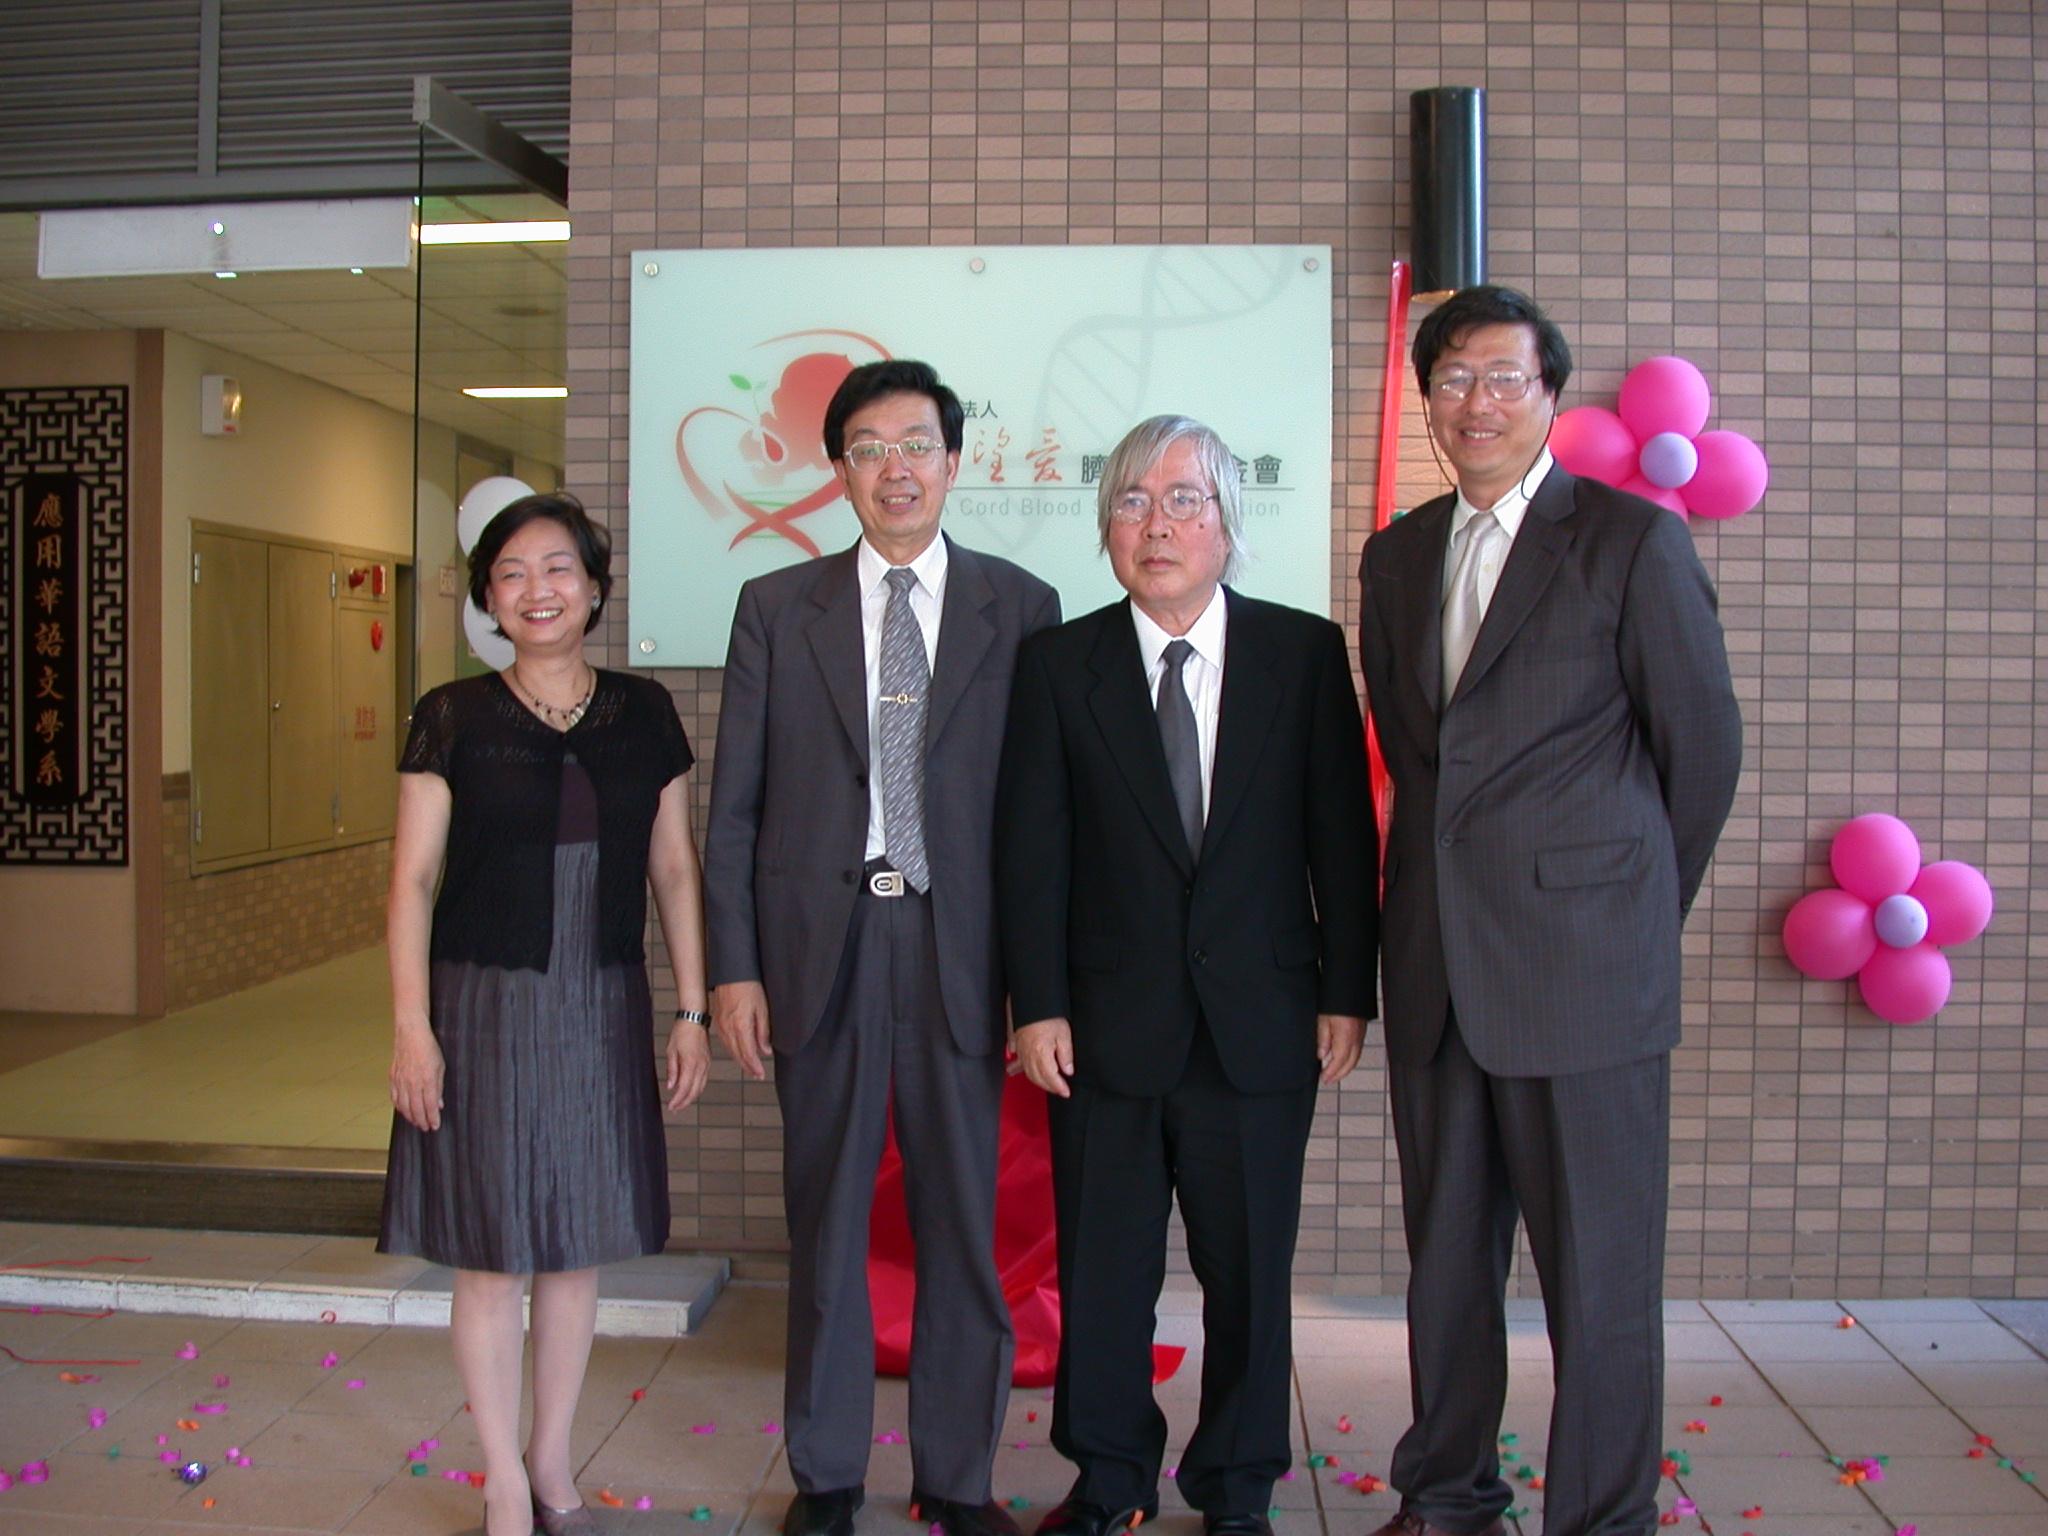 信望愛臍帶血基金會研發儲存中心開幕 共為人類健康謀福